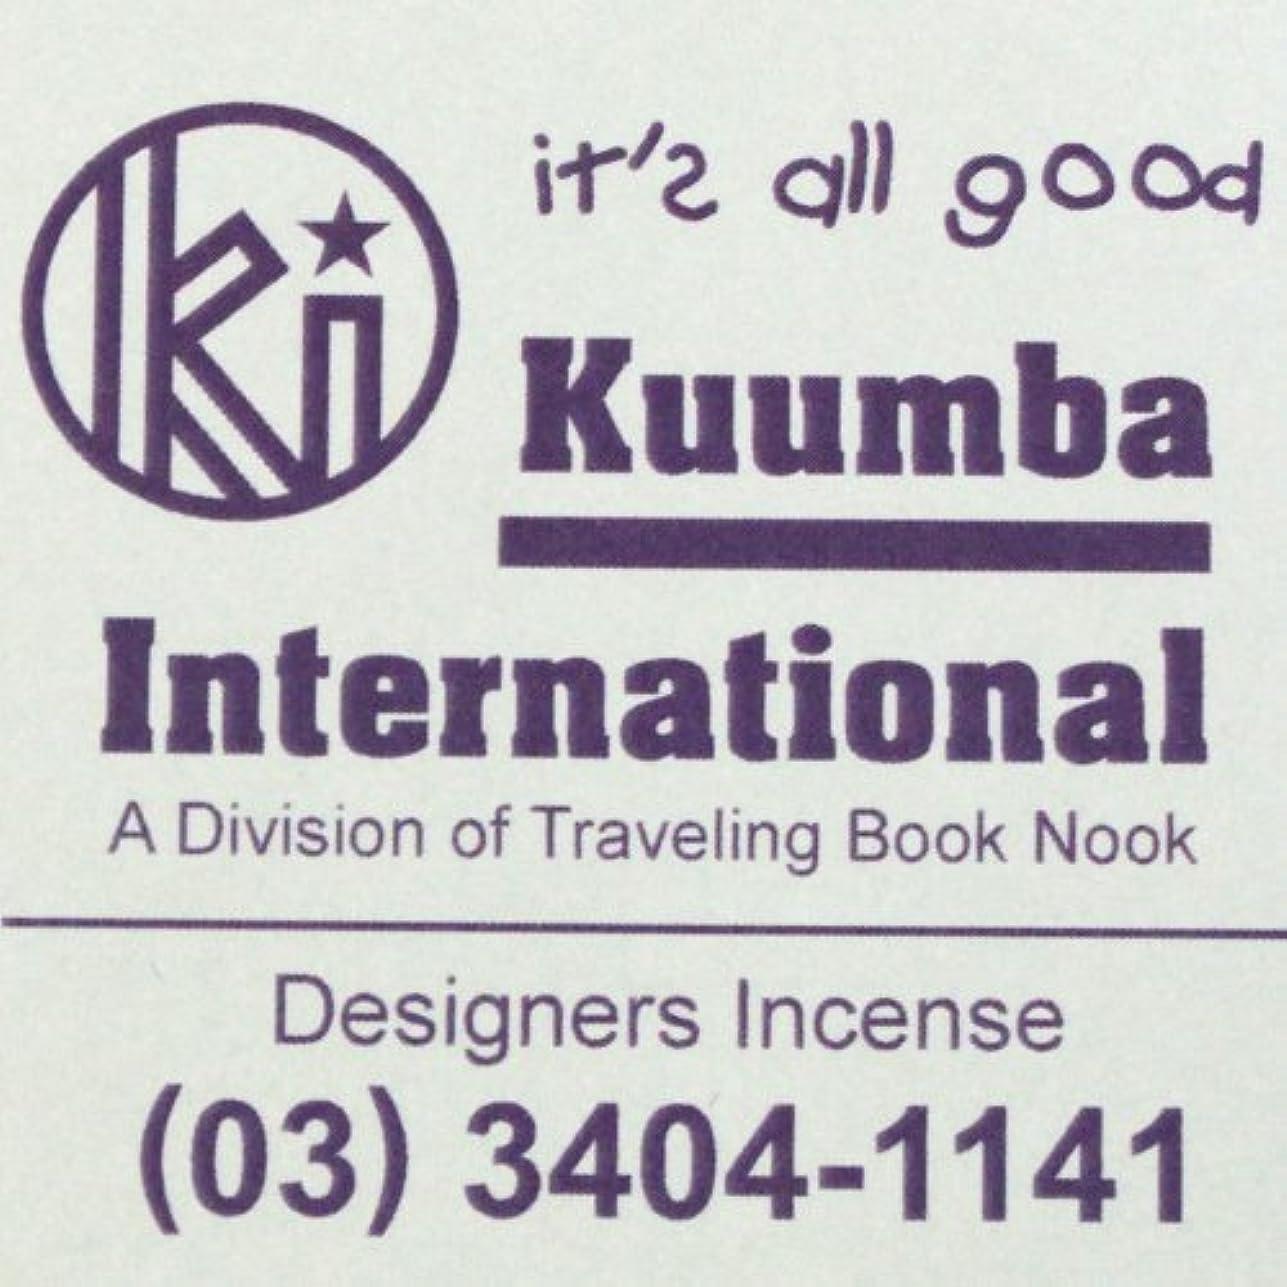 粘り強い衝撃読書をするKUUMBA (クンバ)『incense』(it's all good) (Regular size)